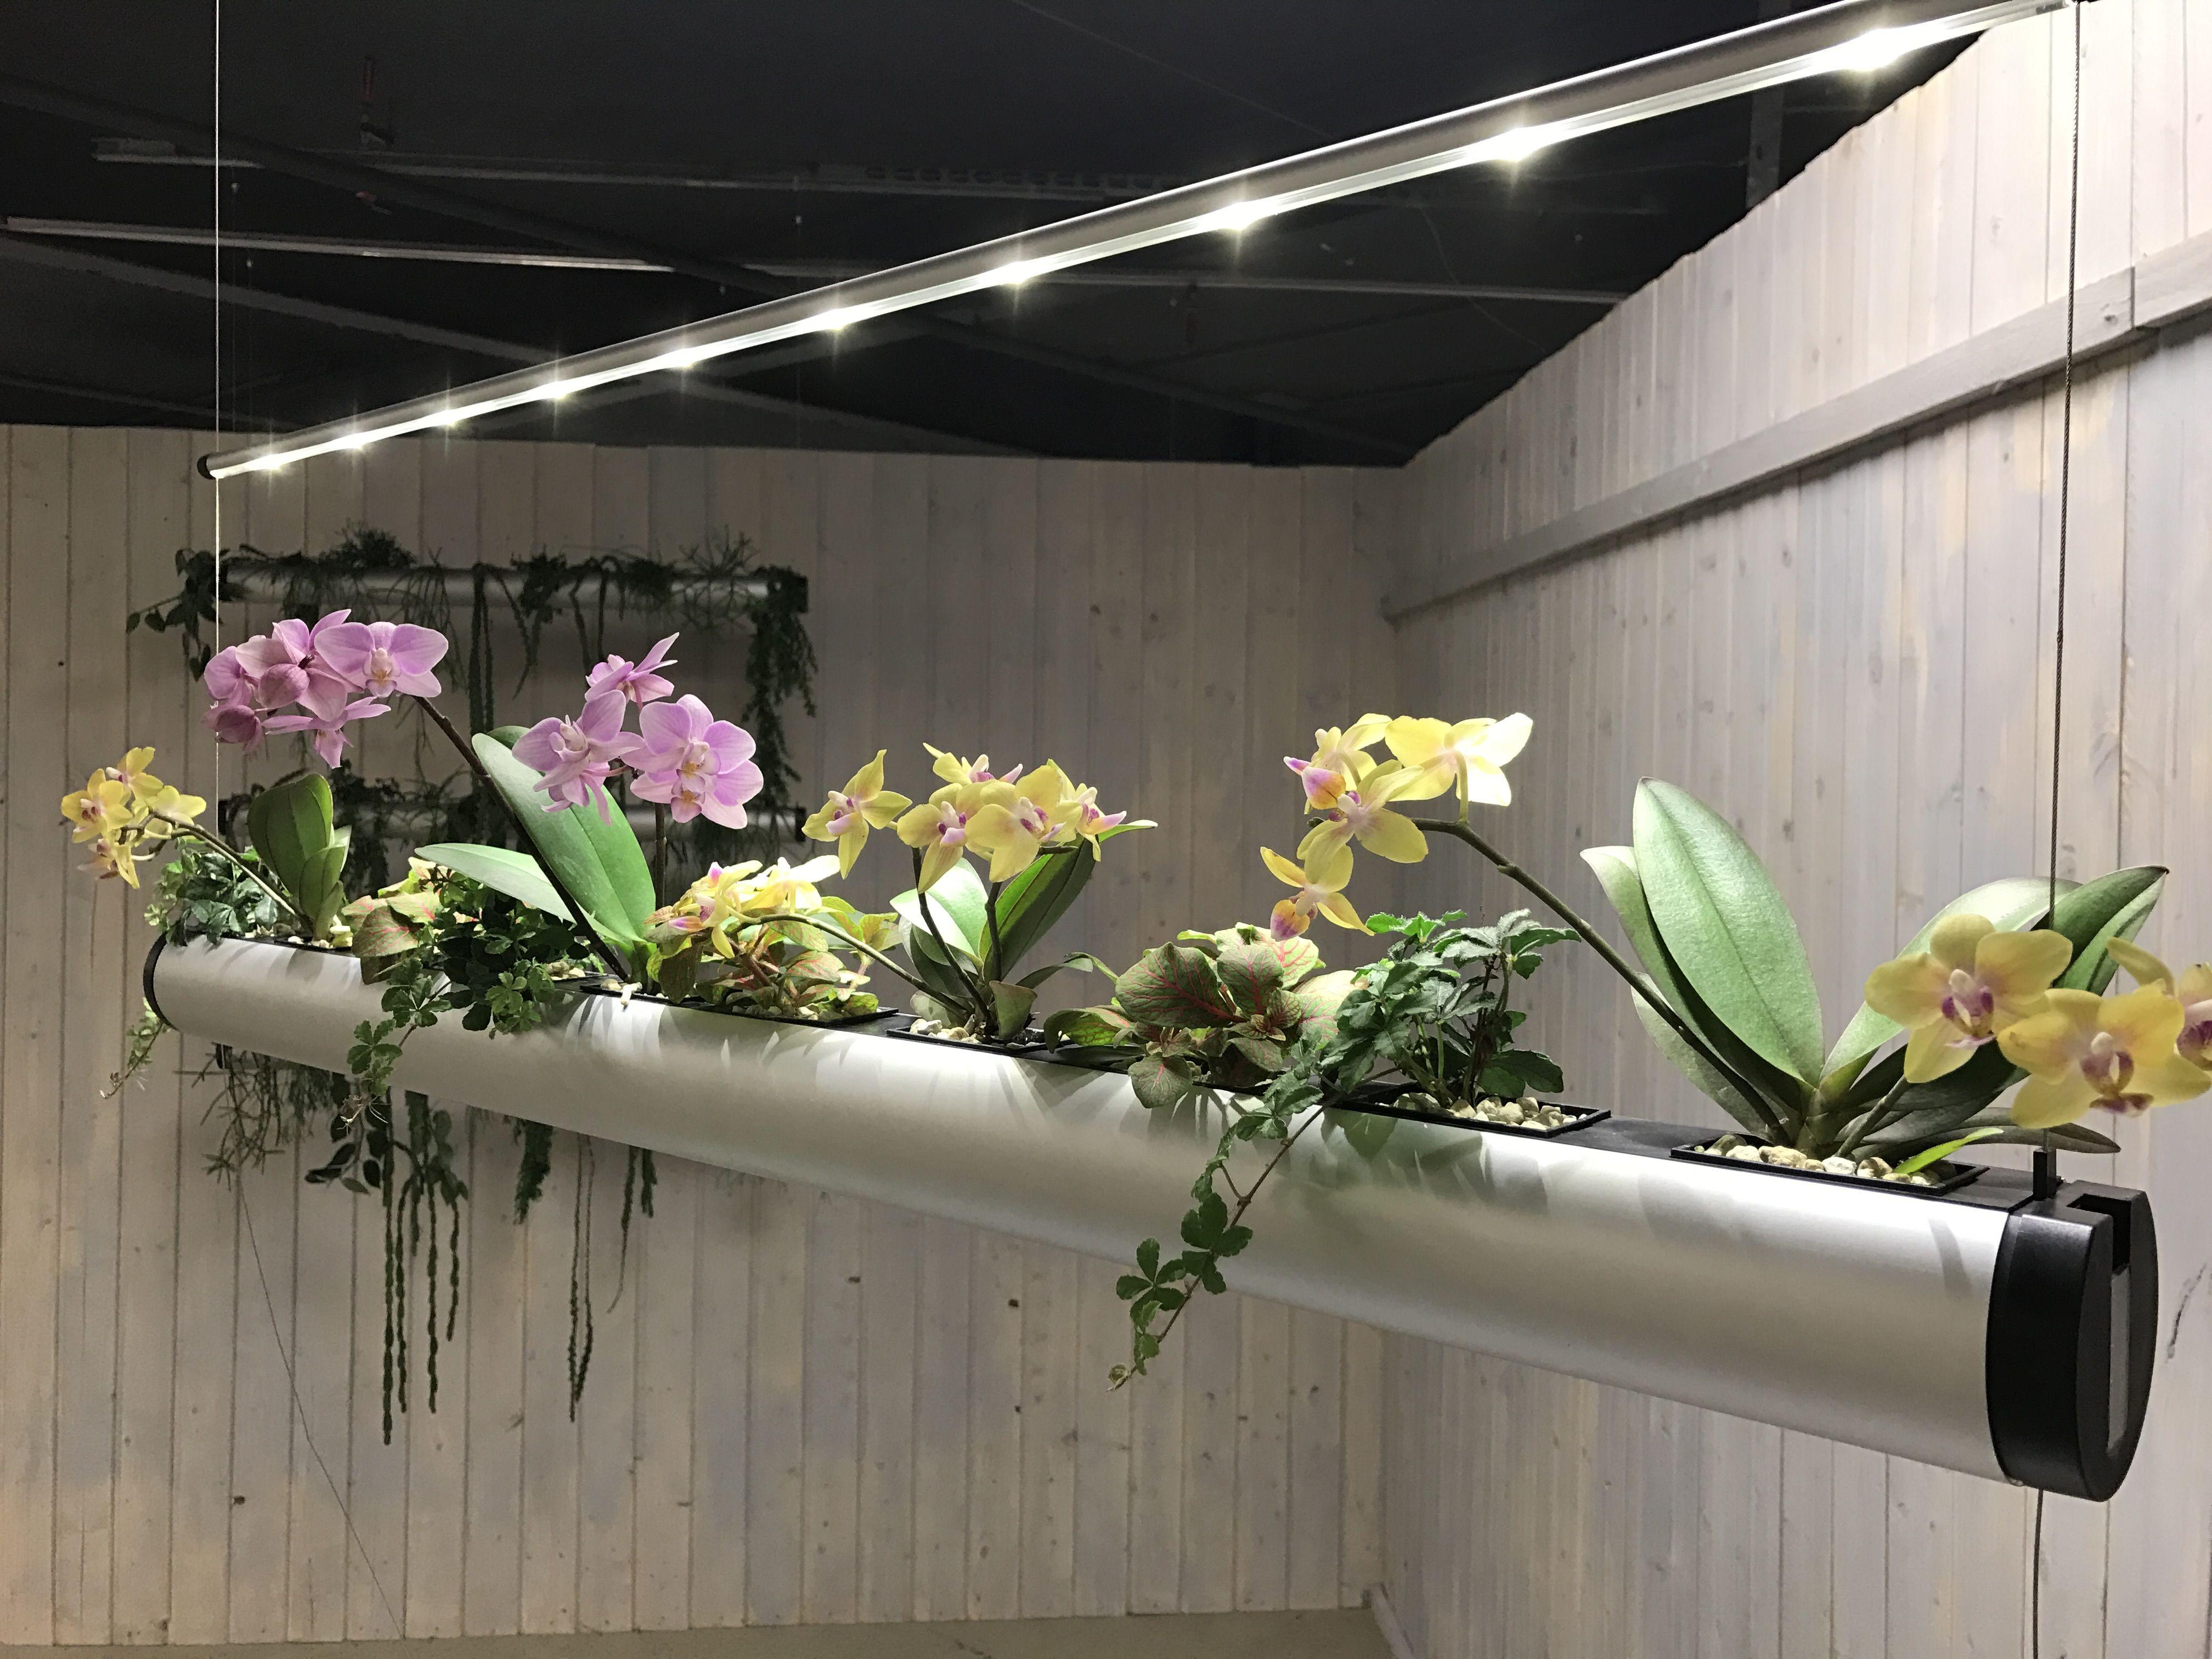 Pendualris Mit Orchideen Und LED Licht Ideal Fr Einen Modernen Empfang Oder Das Wohnzimmer